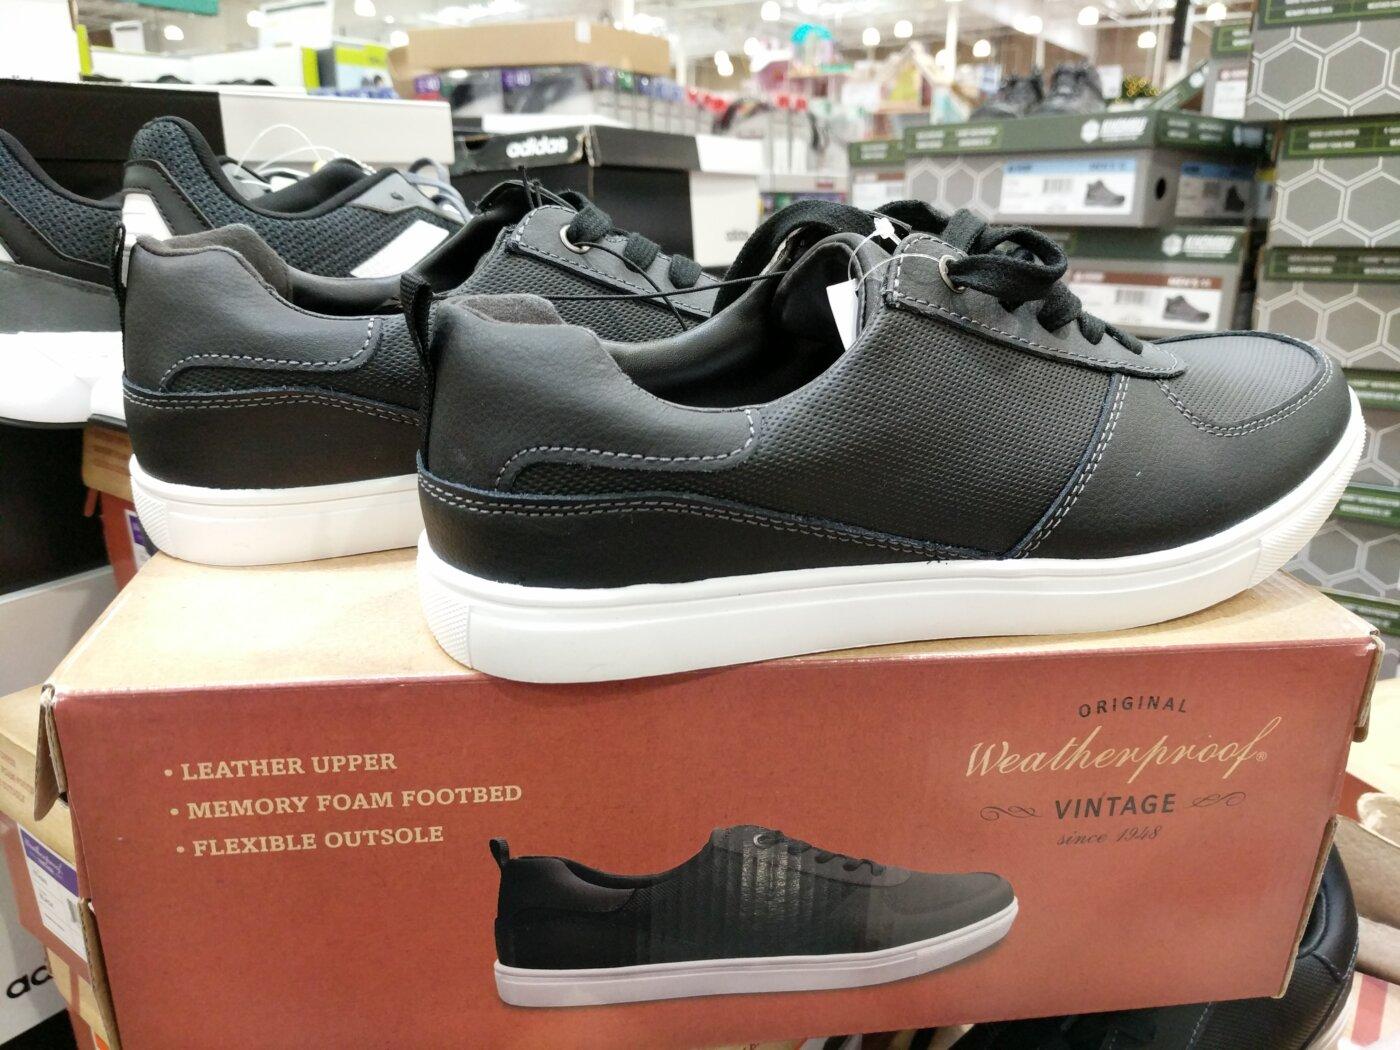 Weatherproof Vintage Men's Lace Up Shoe